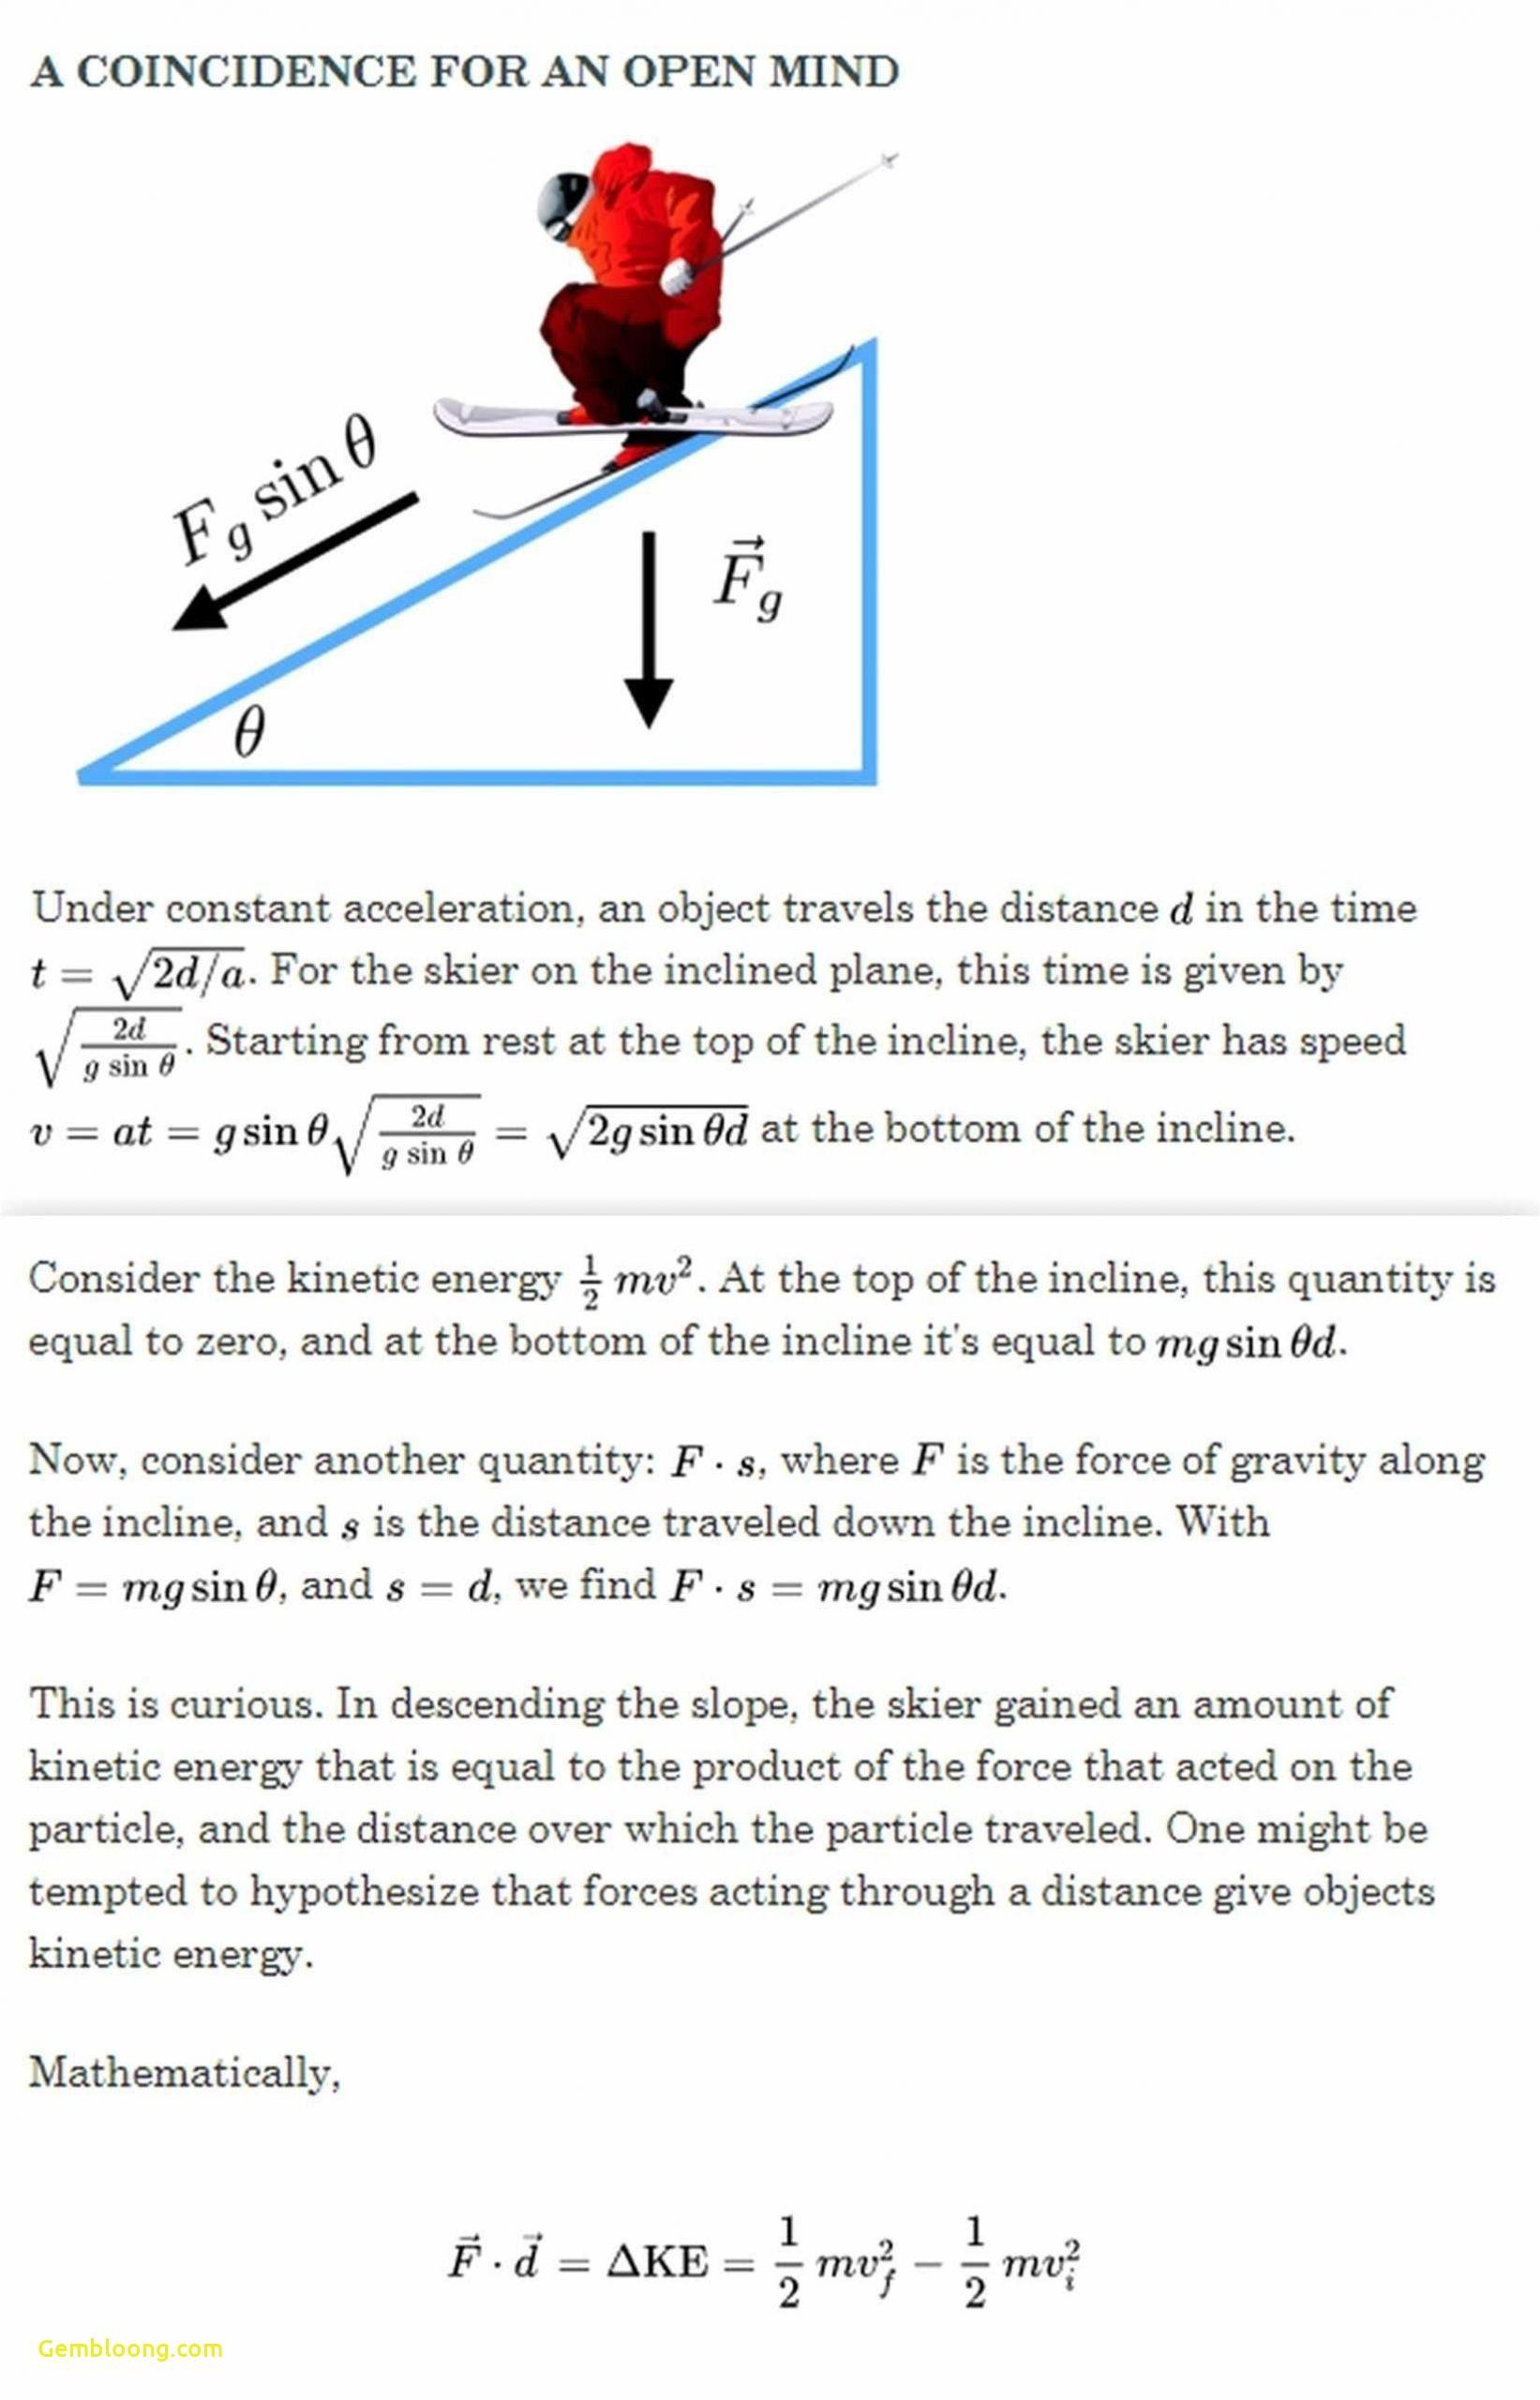 Best Of Printable Addition Worksheets Worksheet Printable In 2020 Math Worksheets Work Energy And Power Alphabet Worksheets